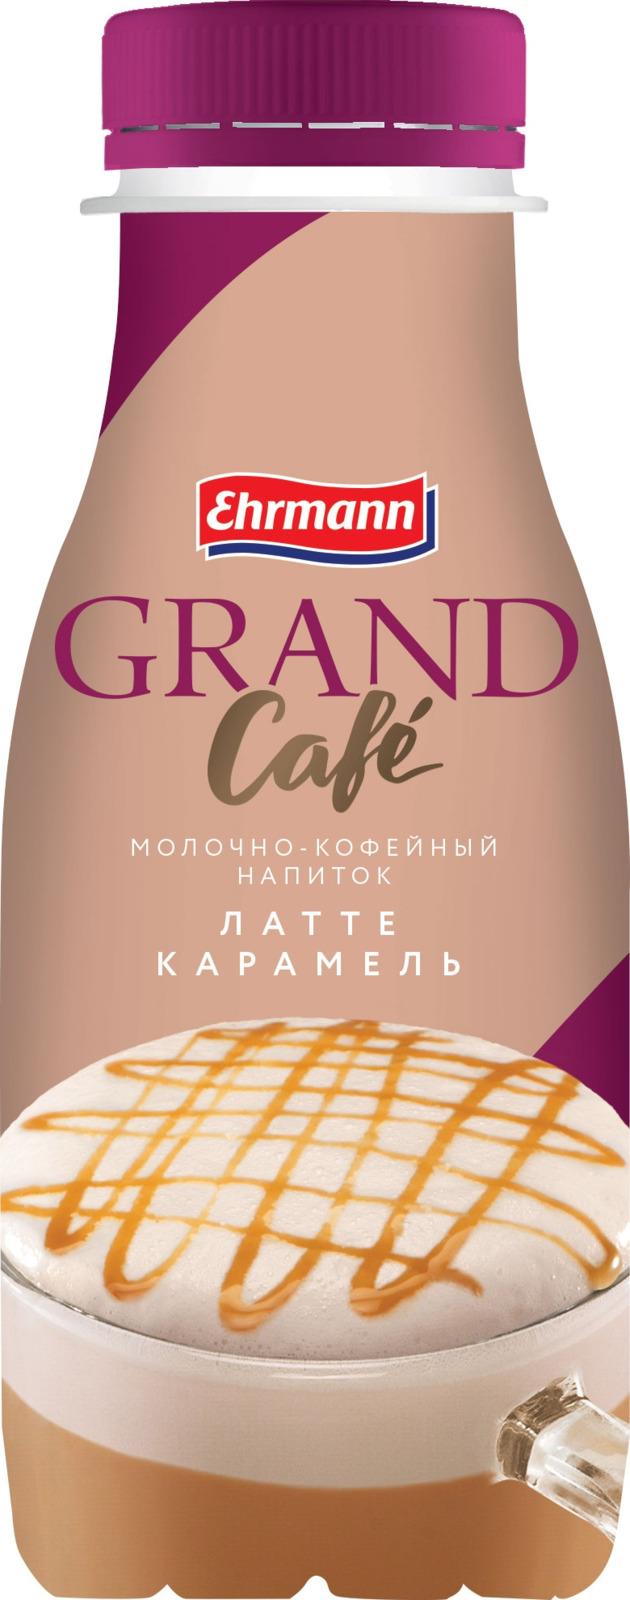 Молочно-кофейный напиток Grand Cafe Латте Карамель, 2,6%, 260 г